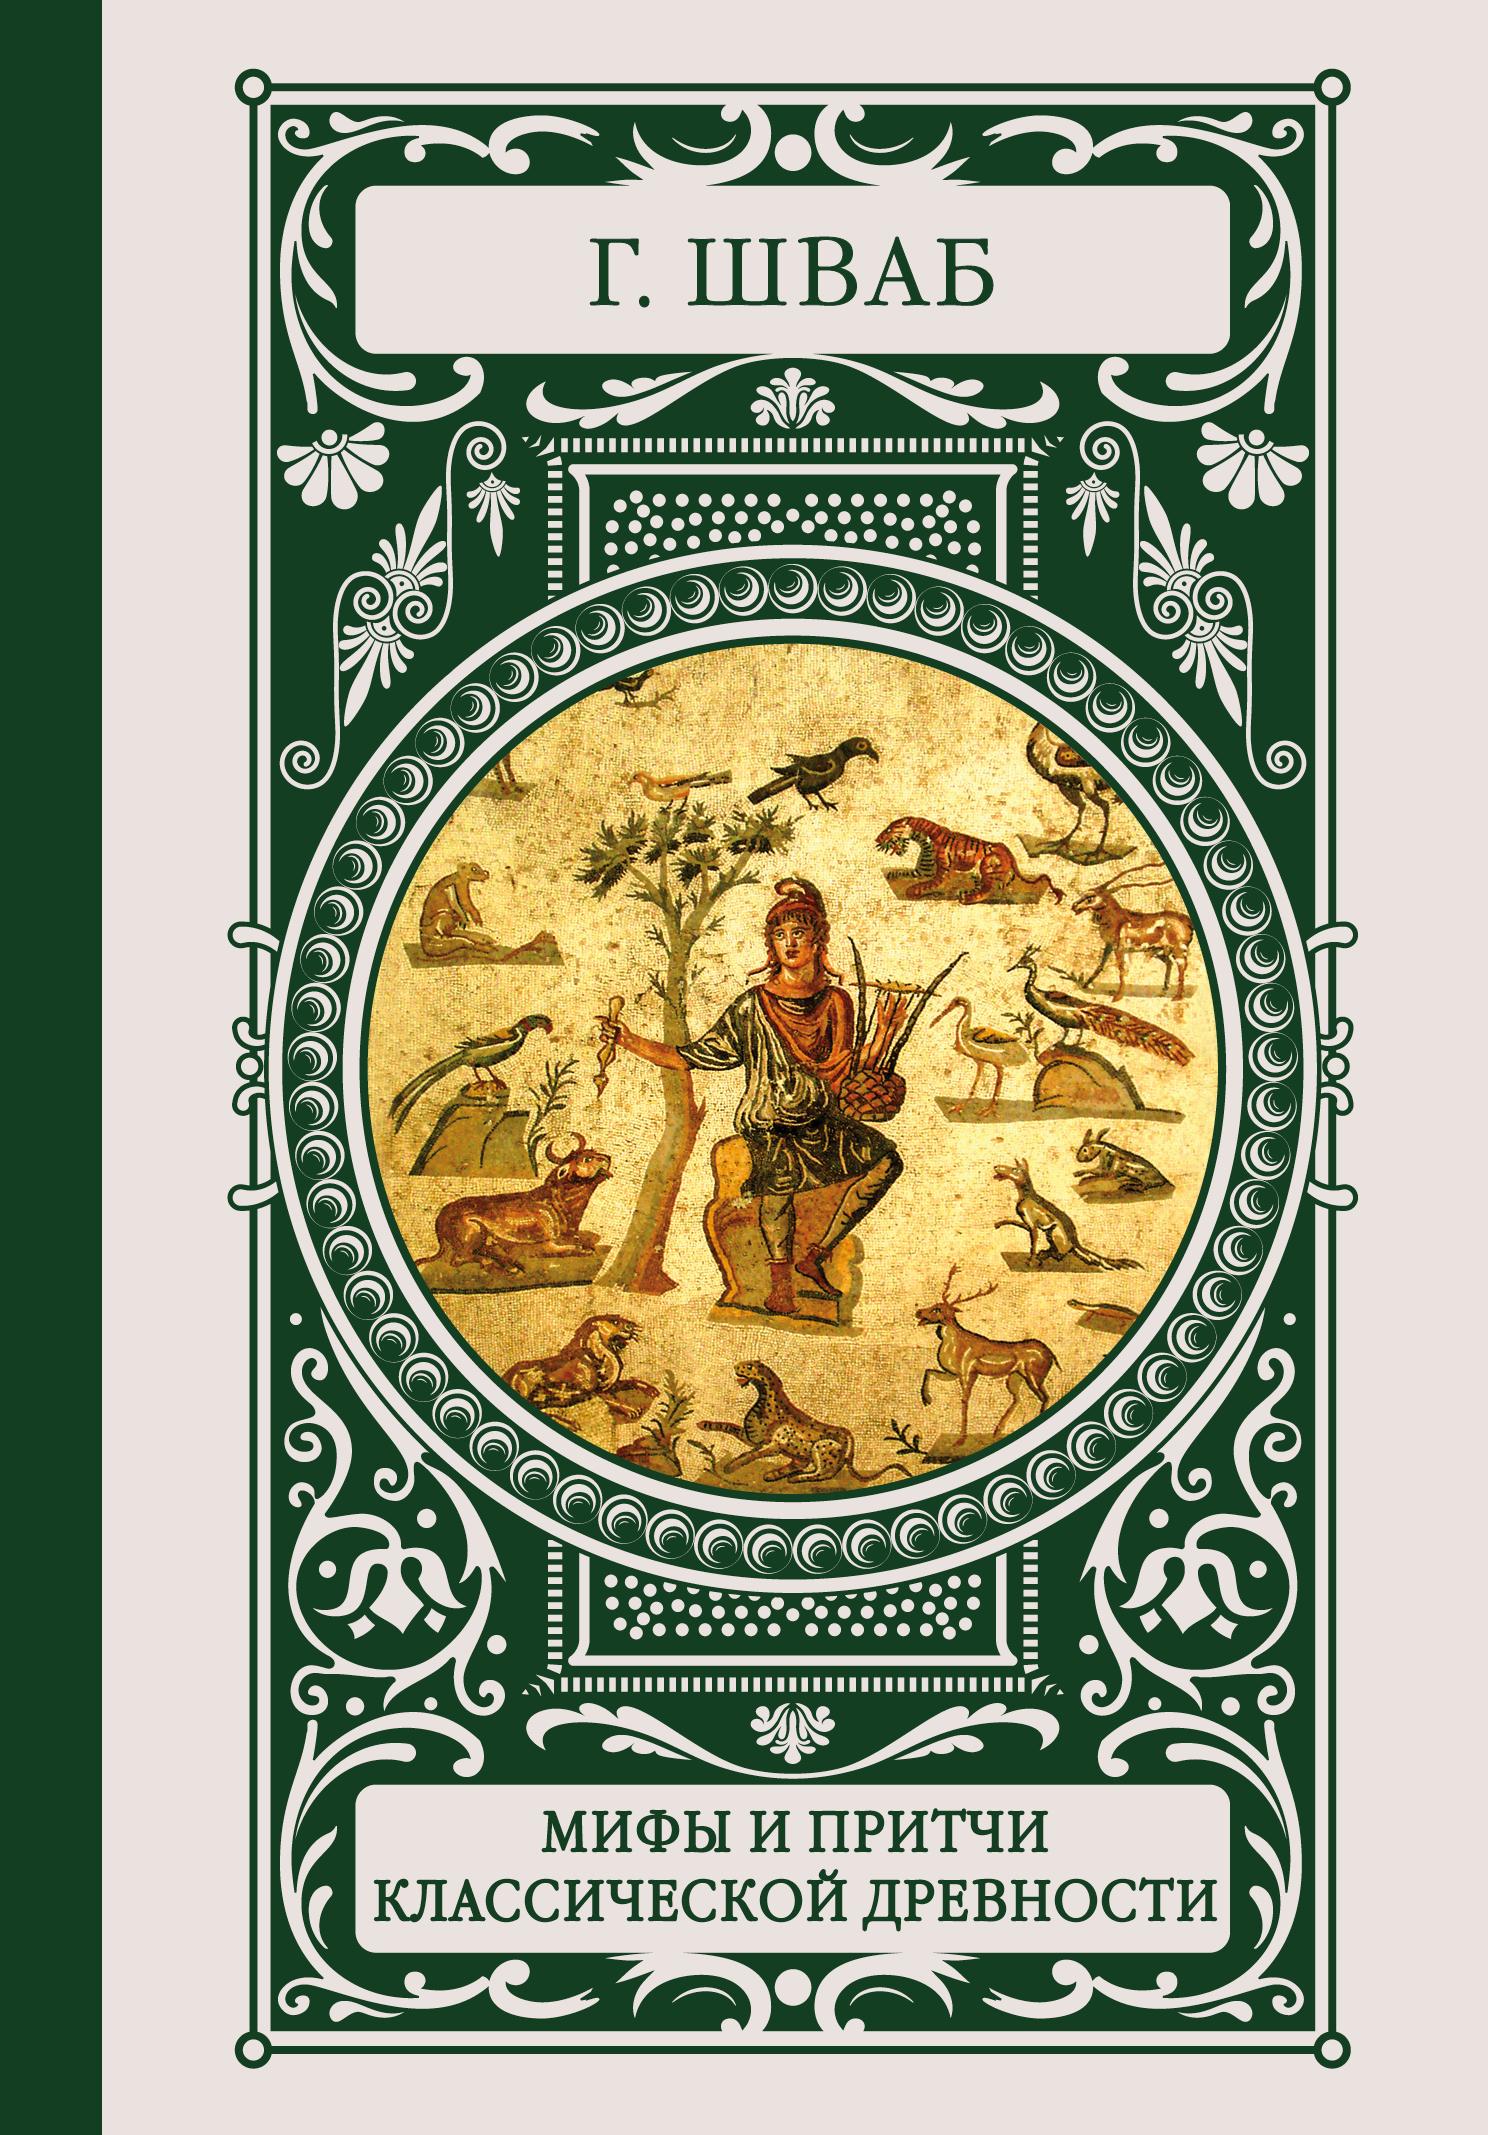 Мифы и притчи классической древности ( Шваб Густав Беньямин  )